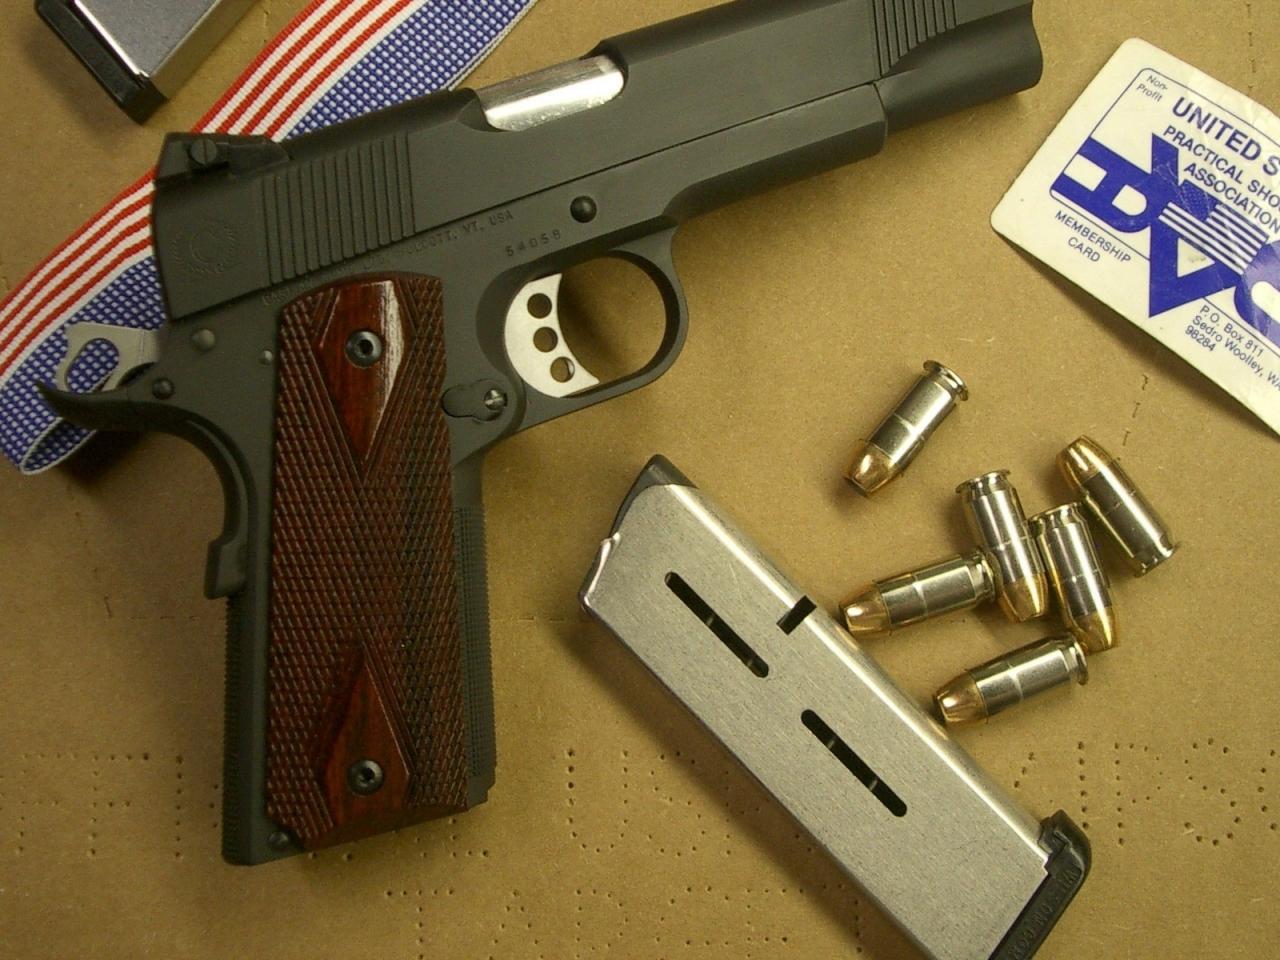 Pistolas y cacerinas - 1280x960